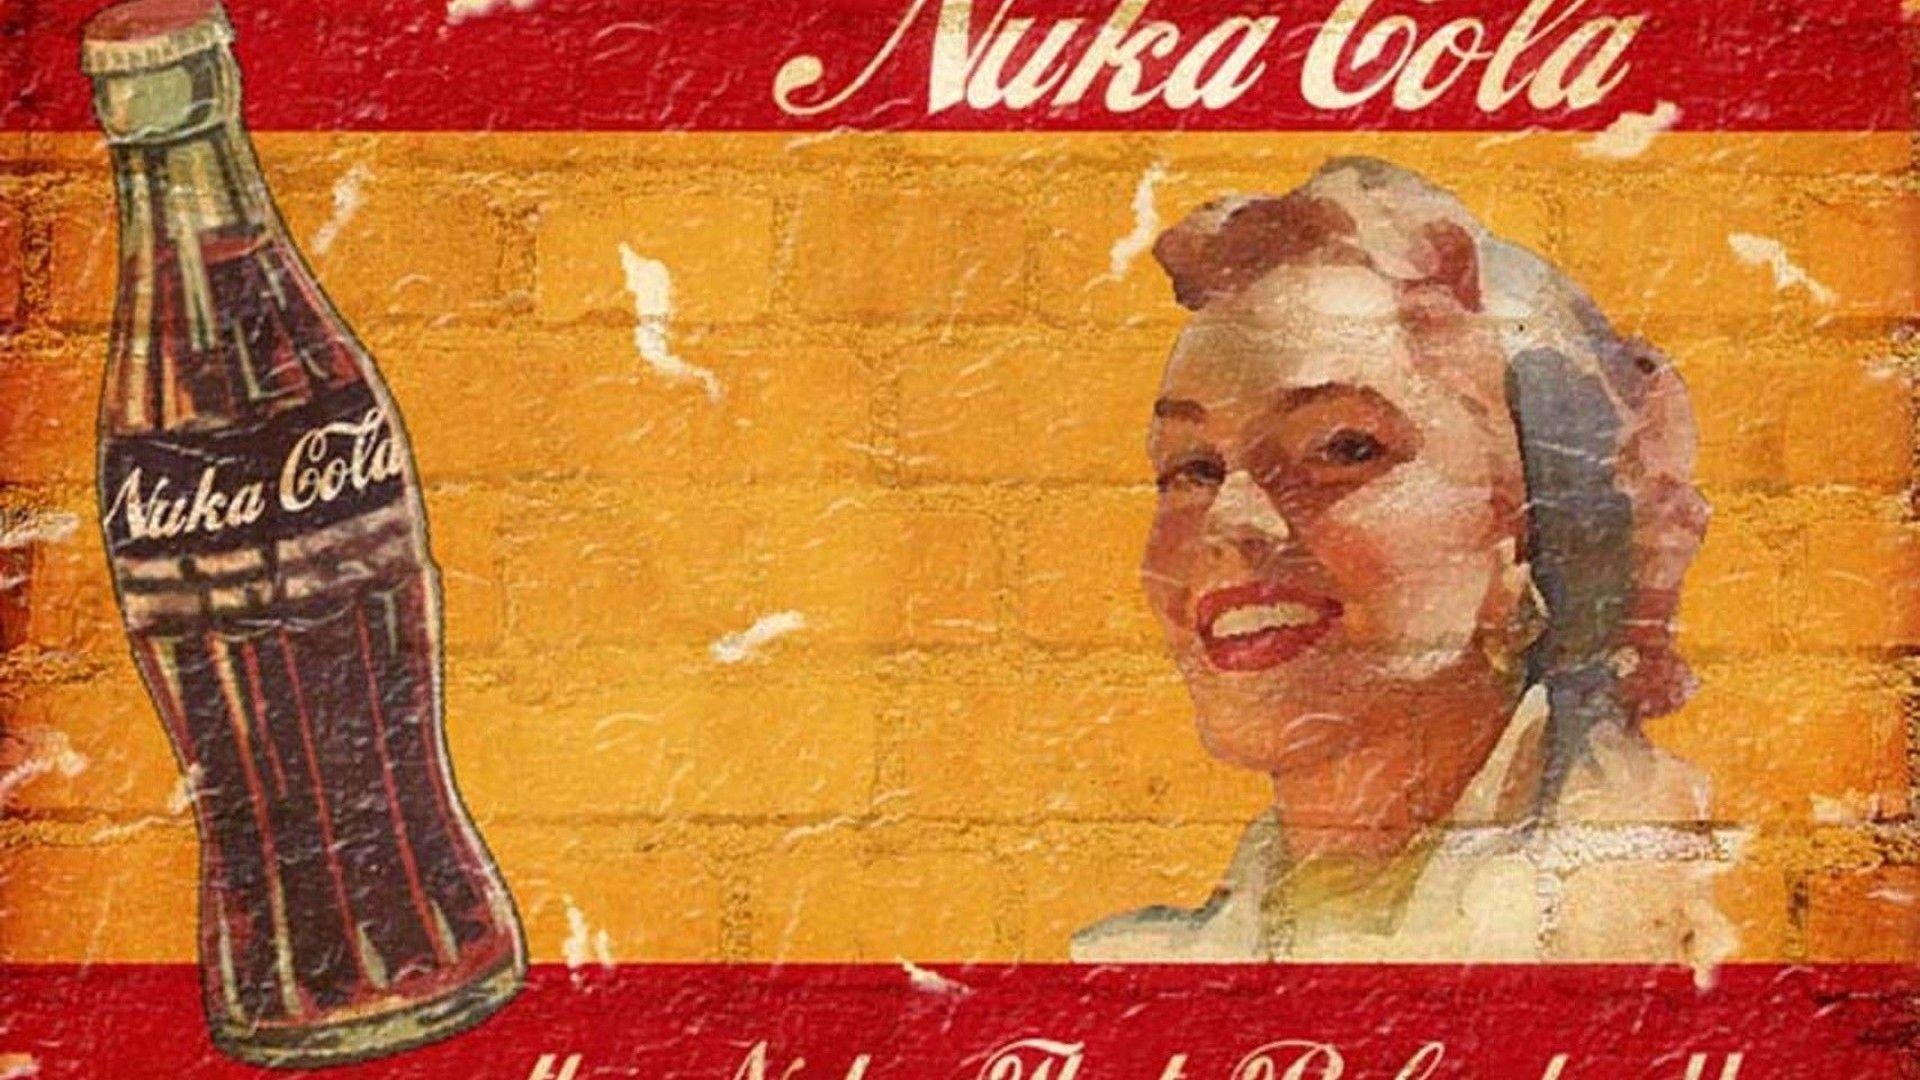 Fallout Vintage Nuka Cola Quantum Wallpaper – MixHD wallpapers